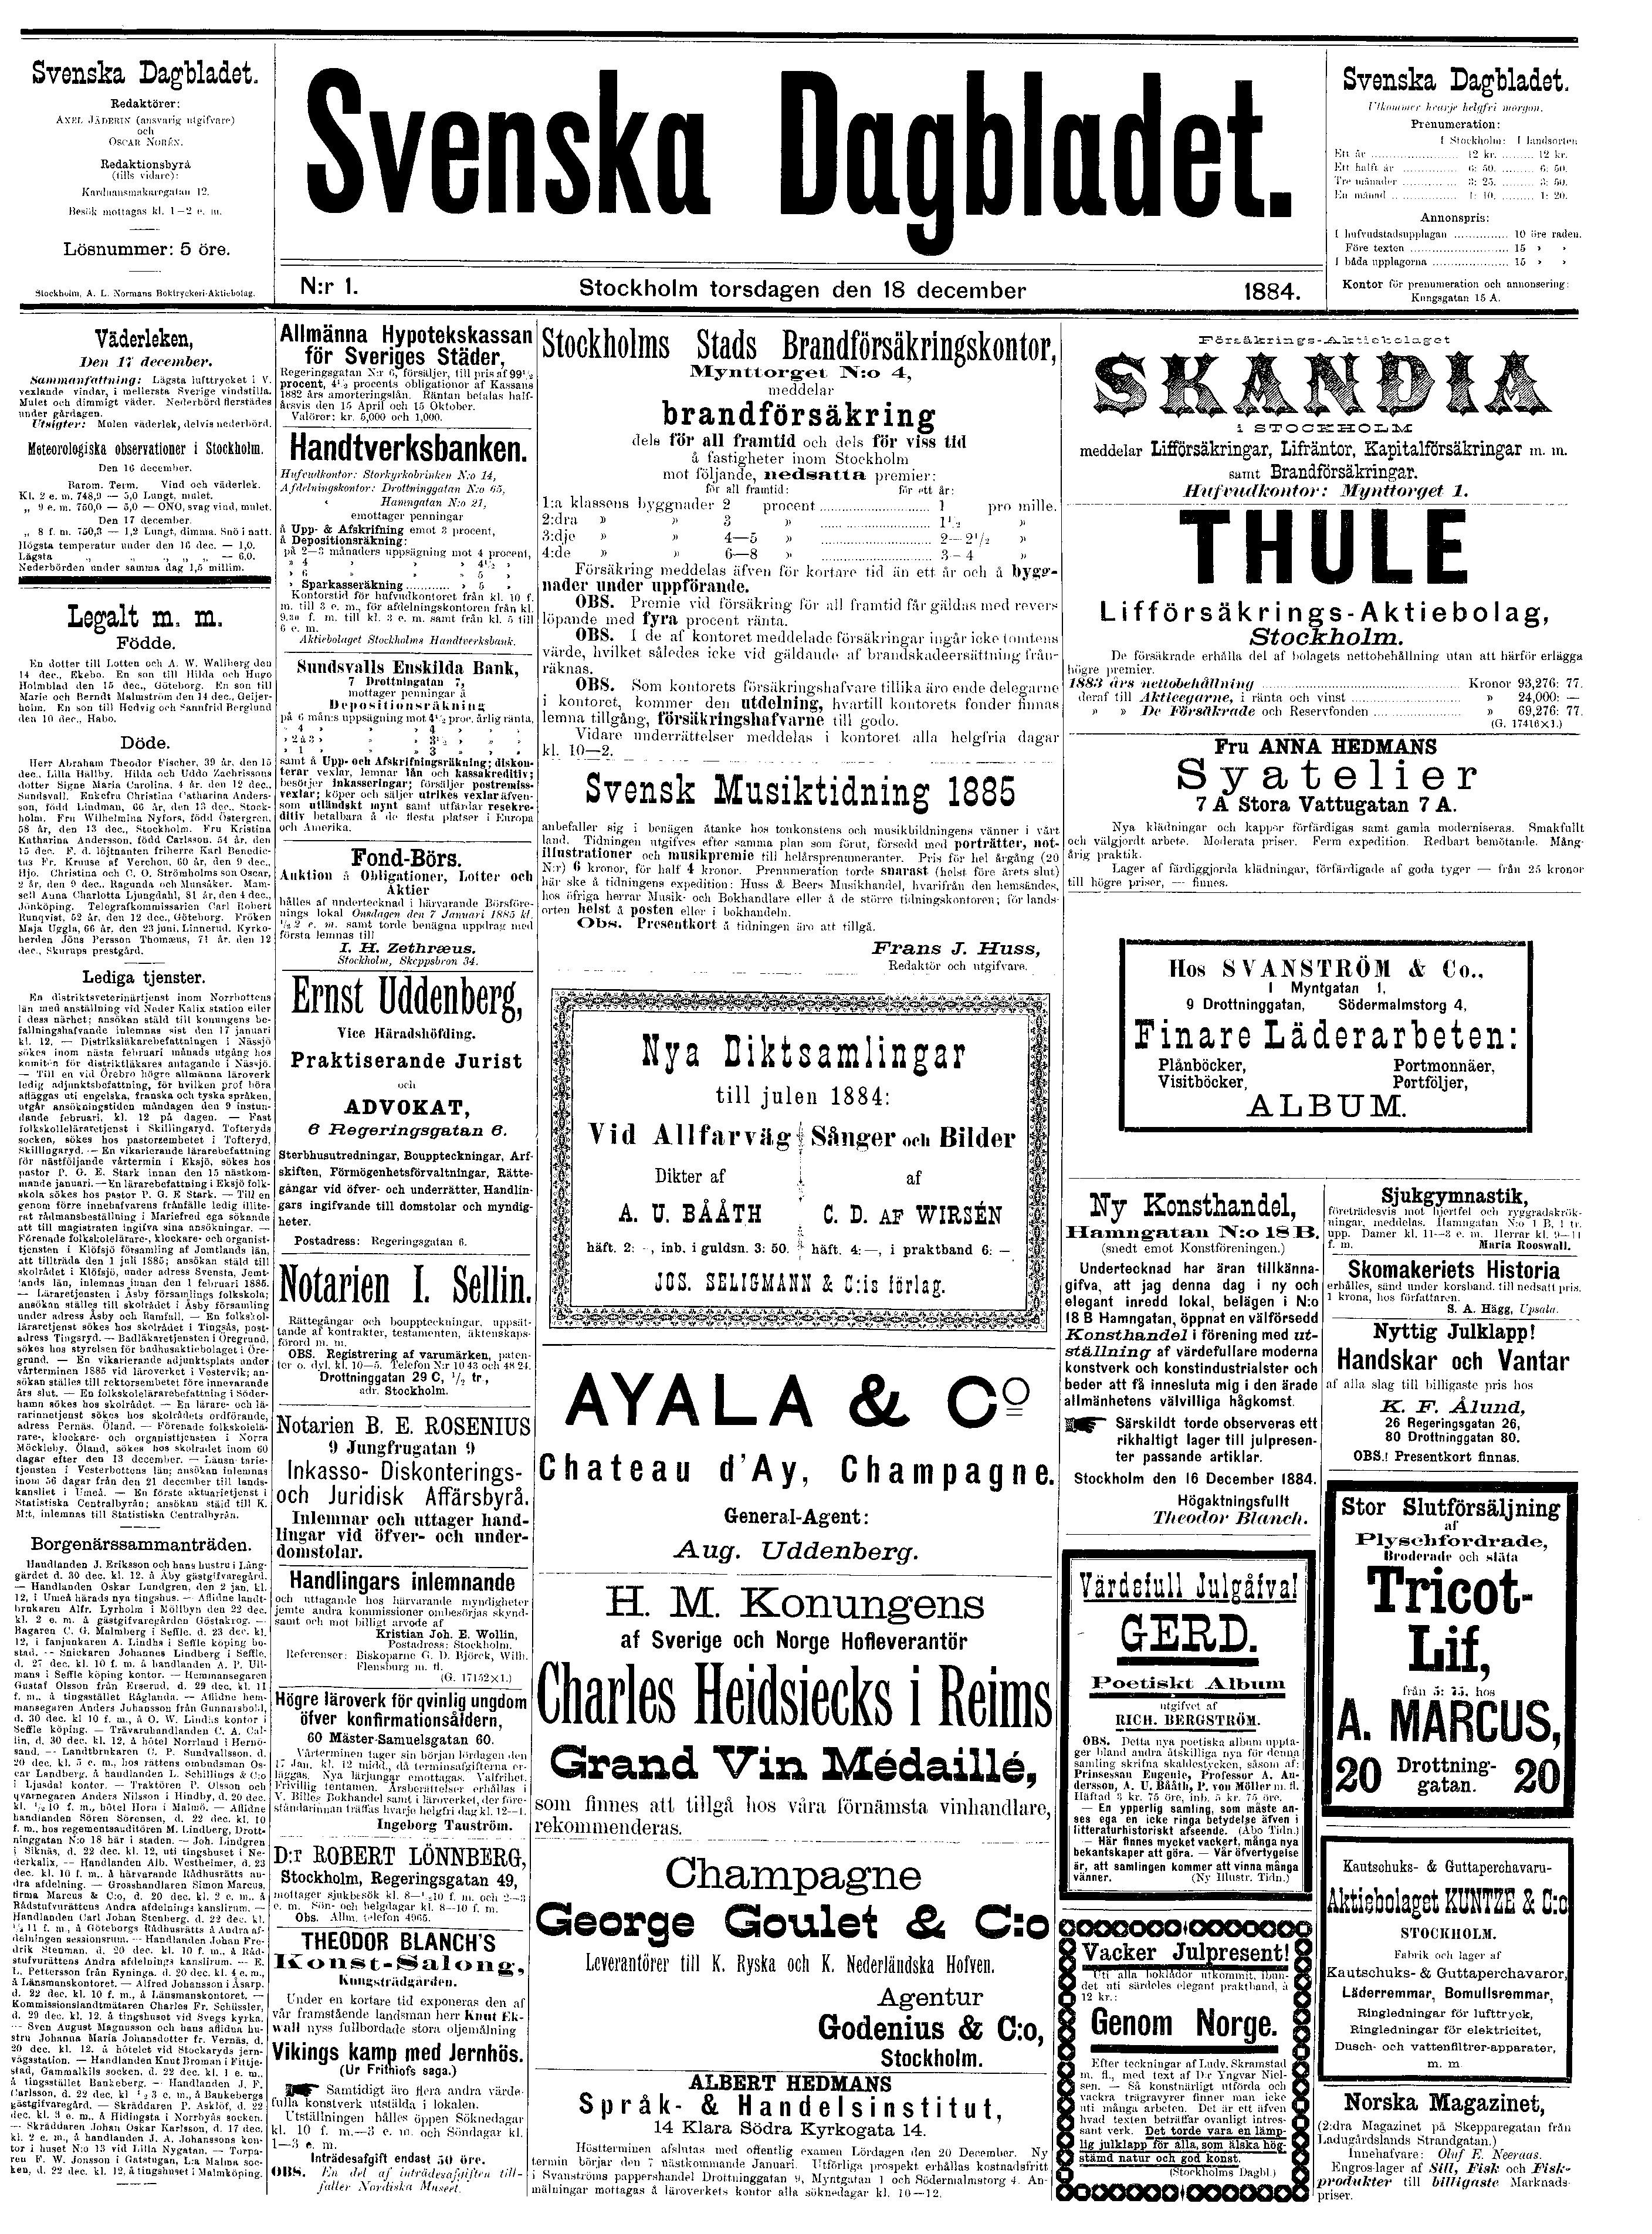 Svenska Dagbladet 1884, innan Wikipedia kunde hjälpa till med texten